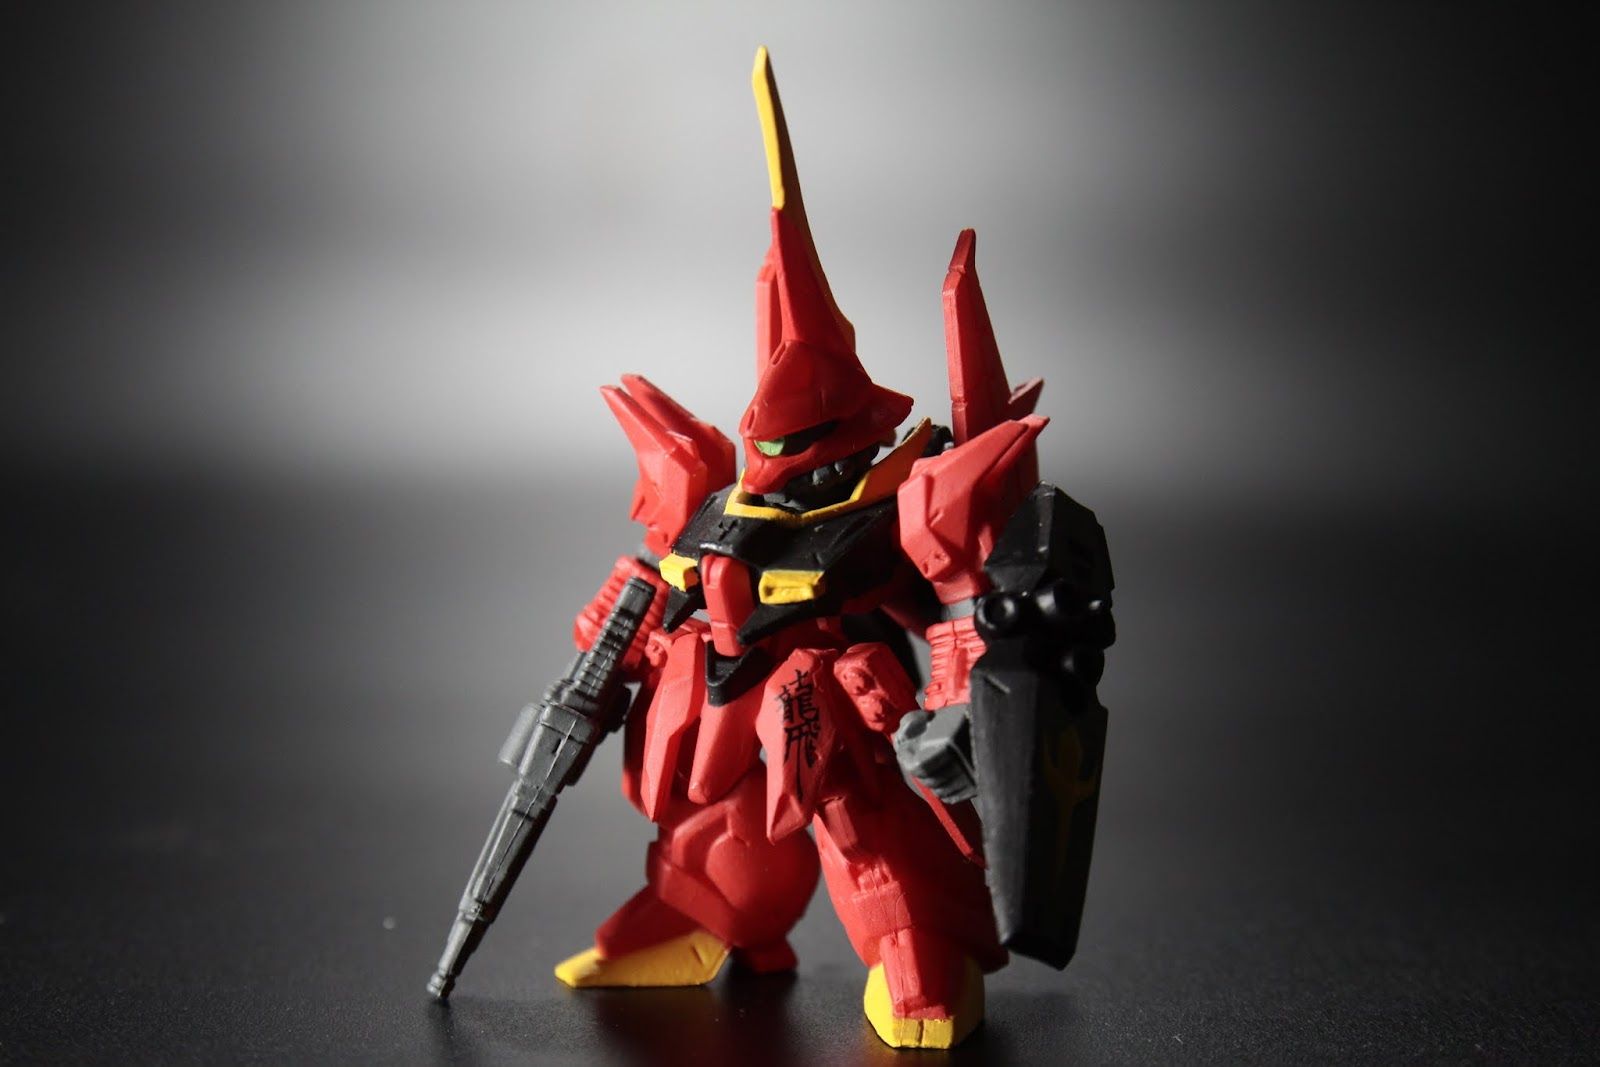 紅色機駕駛員為古雷米 出自ZZ鋼彈的角色